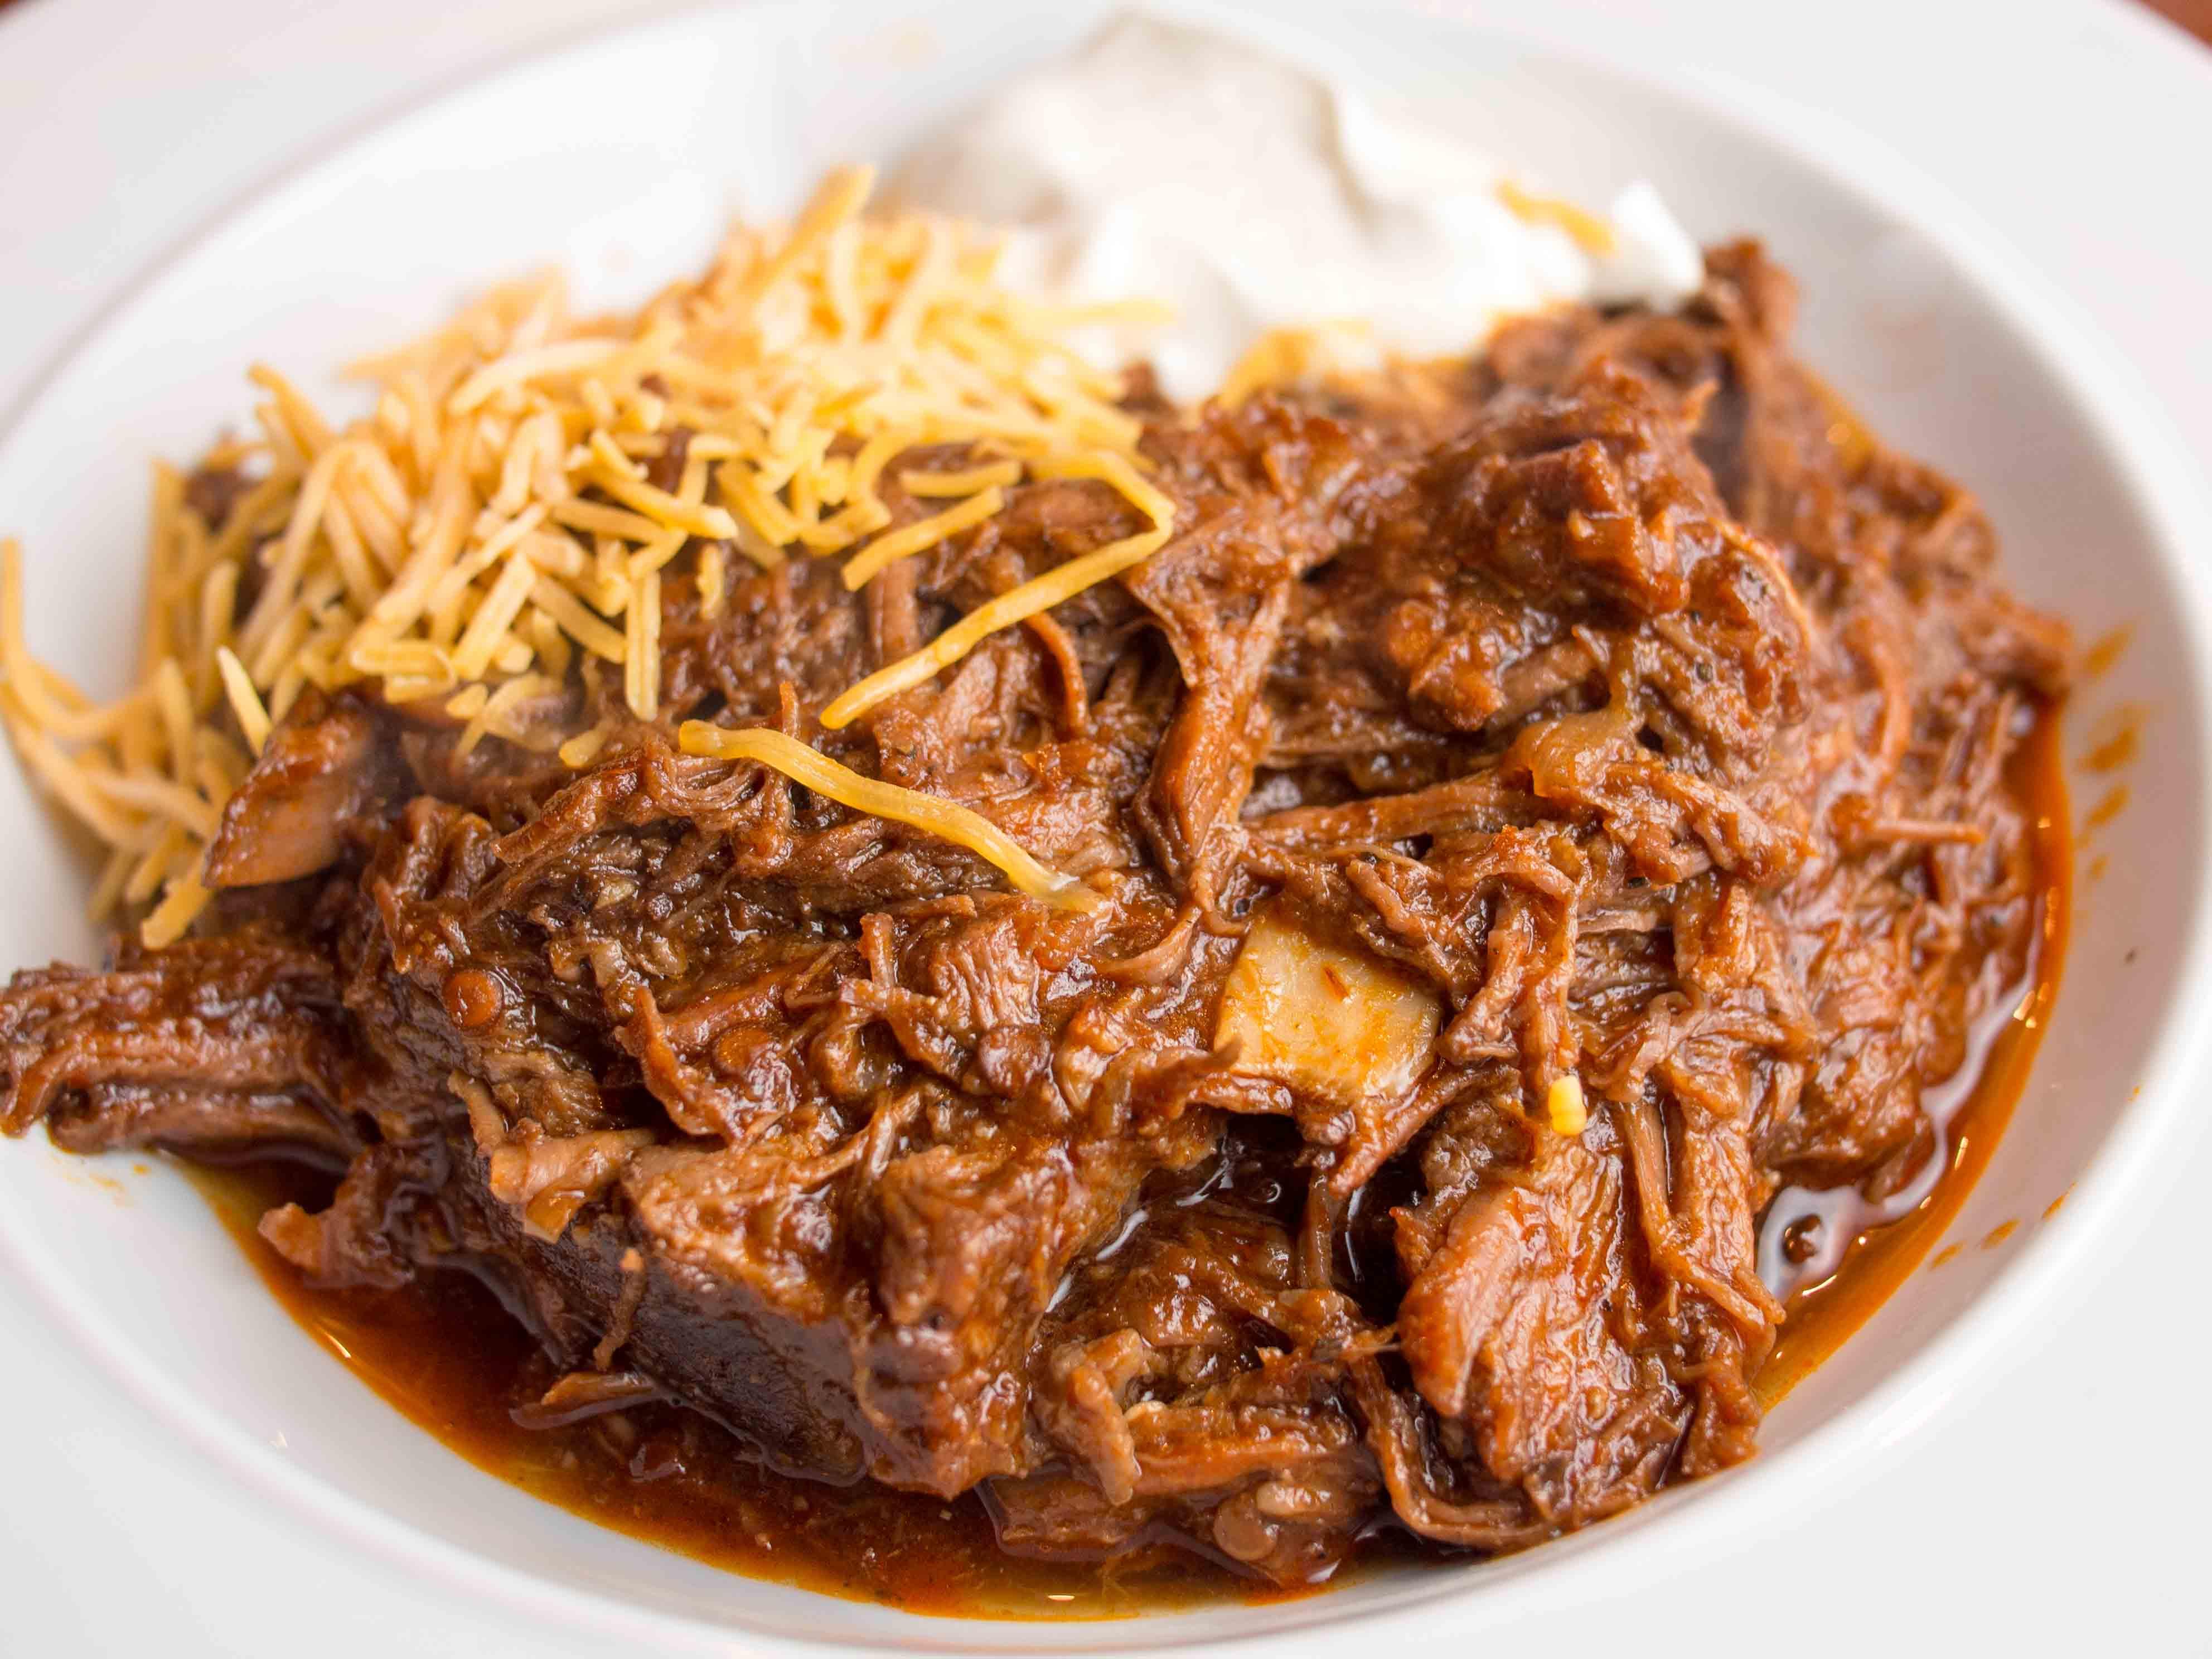 Chili Con Carne - Food & Fire